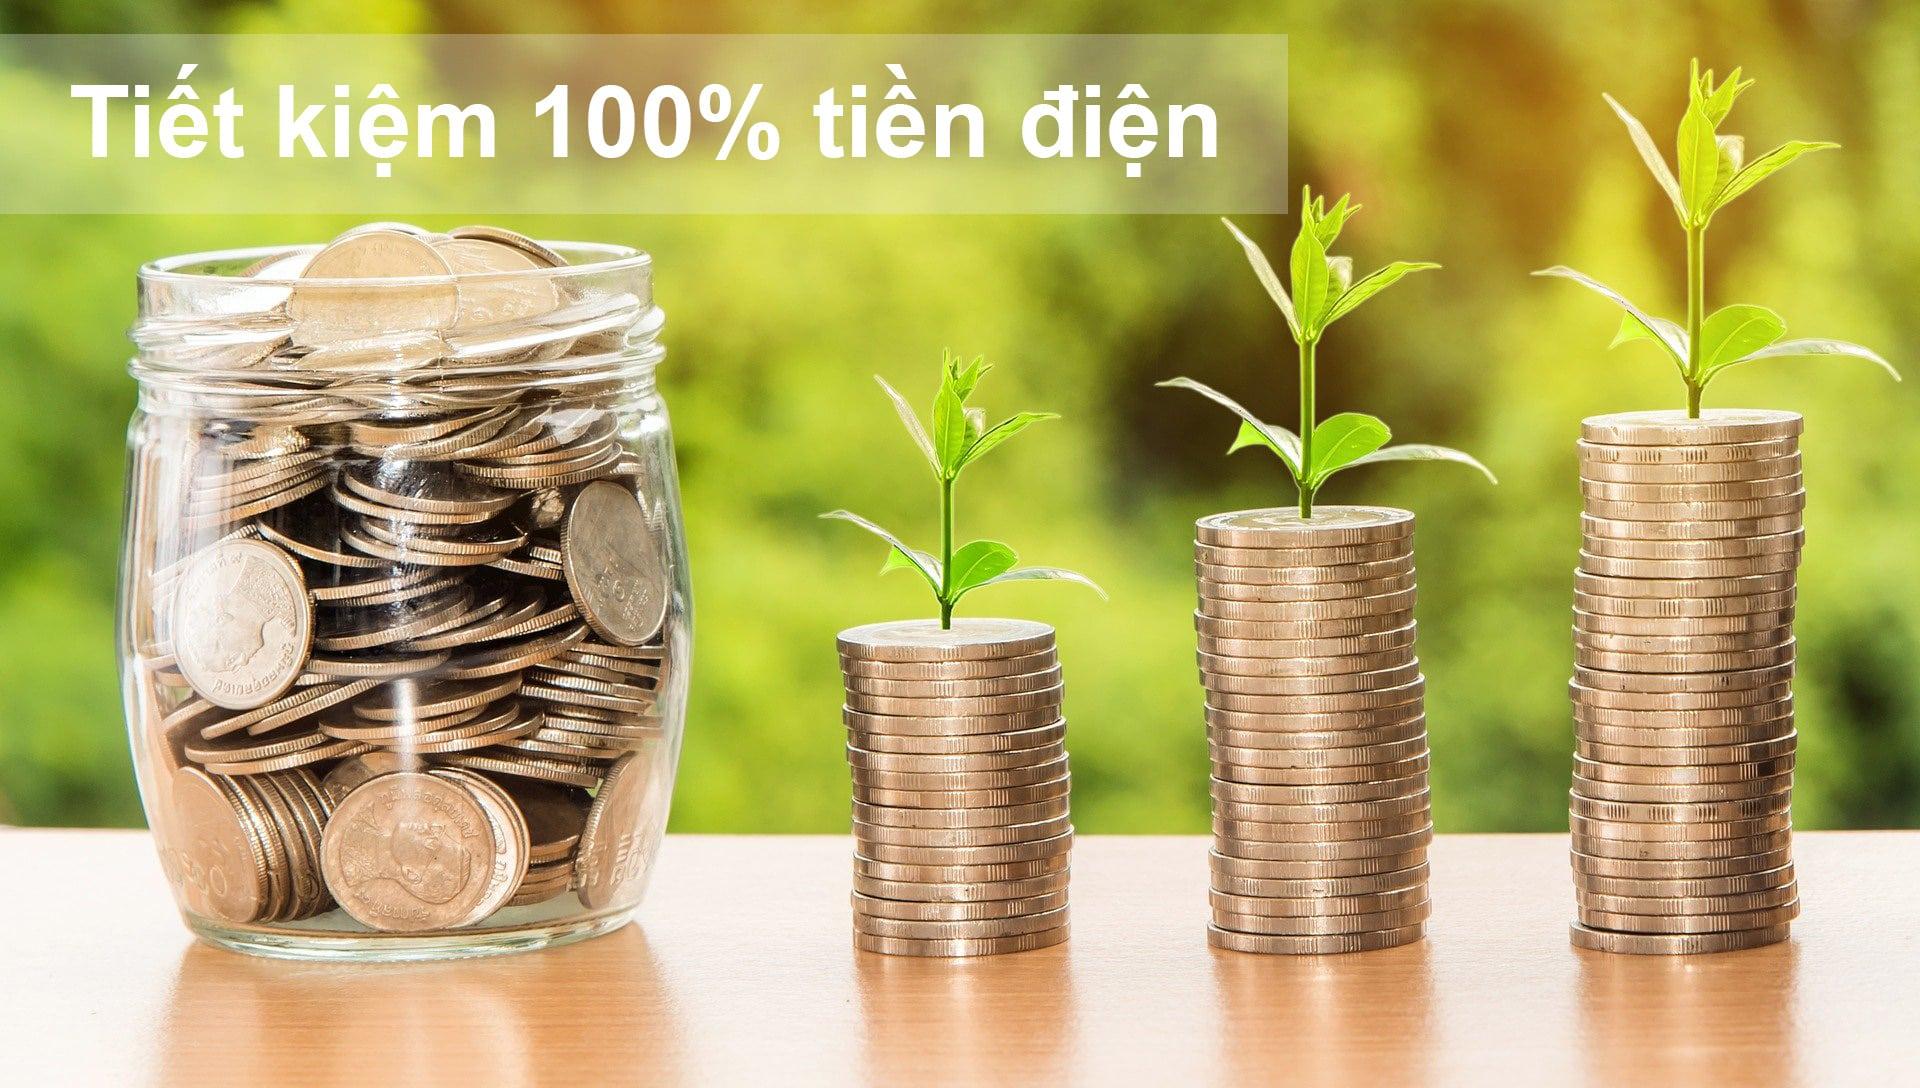 tiết kiệm tiền điện với điện mặt trời